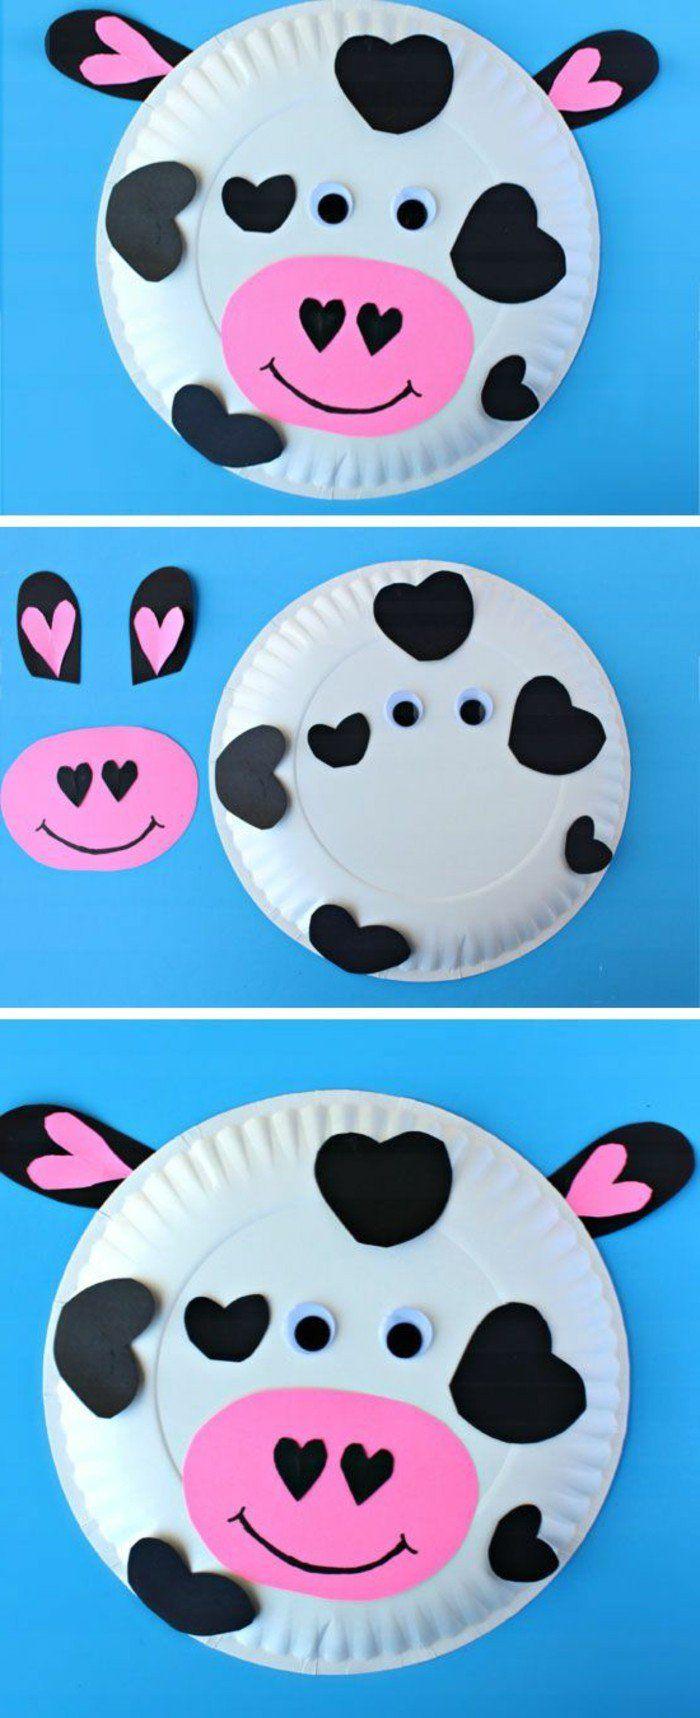 les 25 meilleures id es de la cat gorie assiettes en papier sur pinterest art assiette en. Black Bedroom Furniture Sets. Home Design Ideas